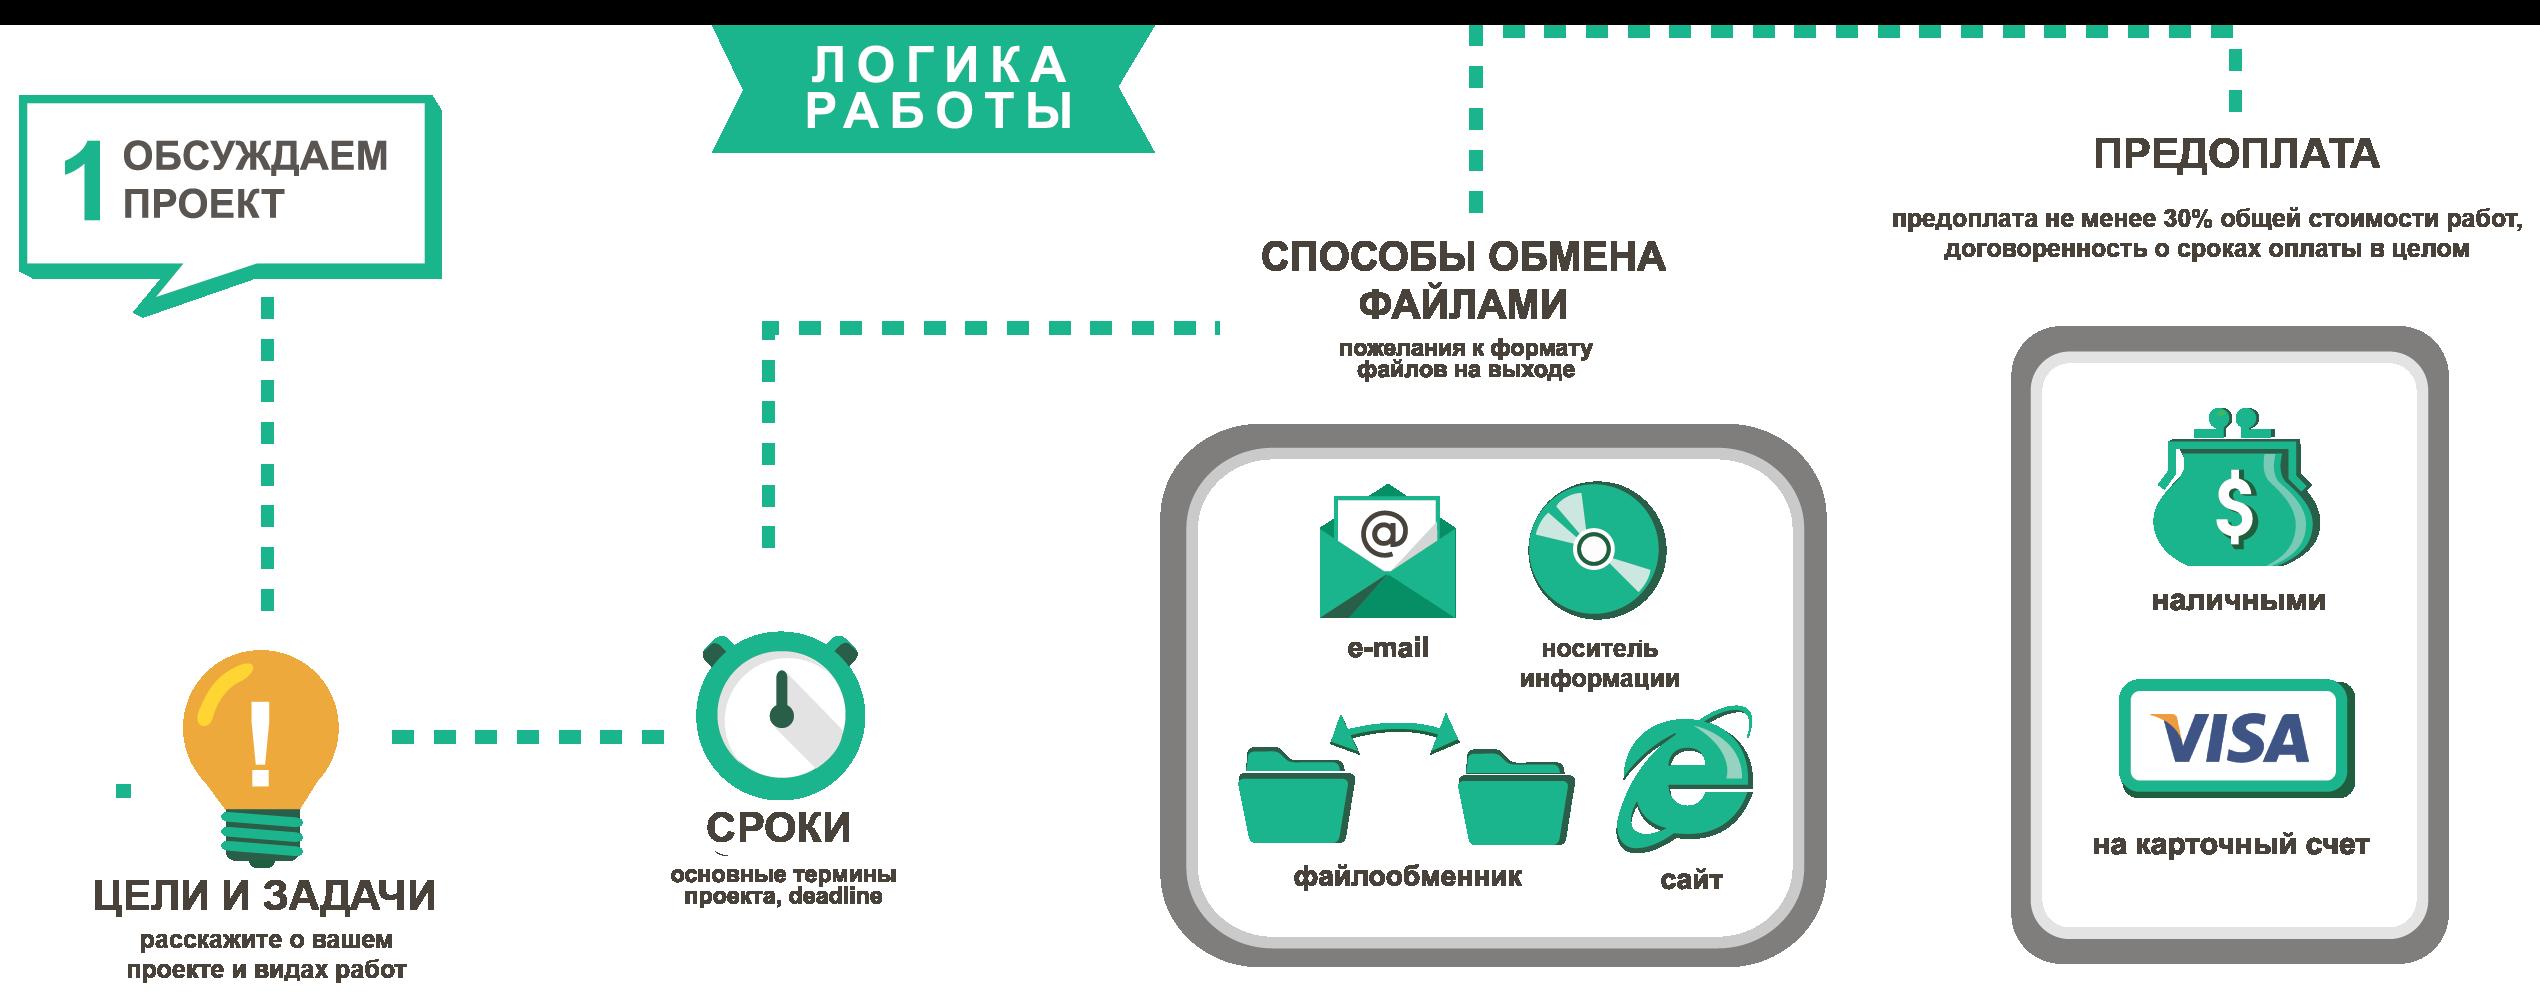 logic1_ru